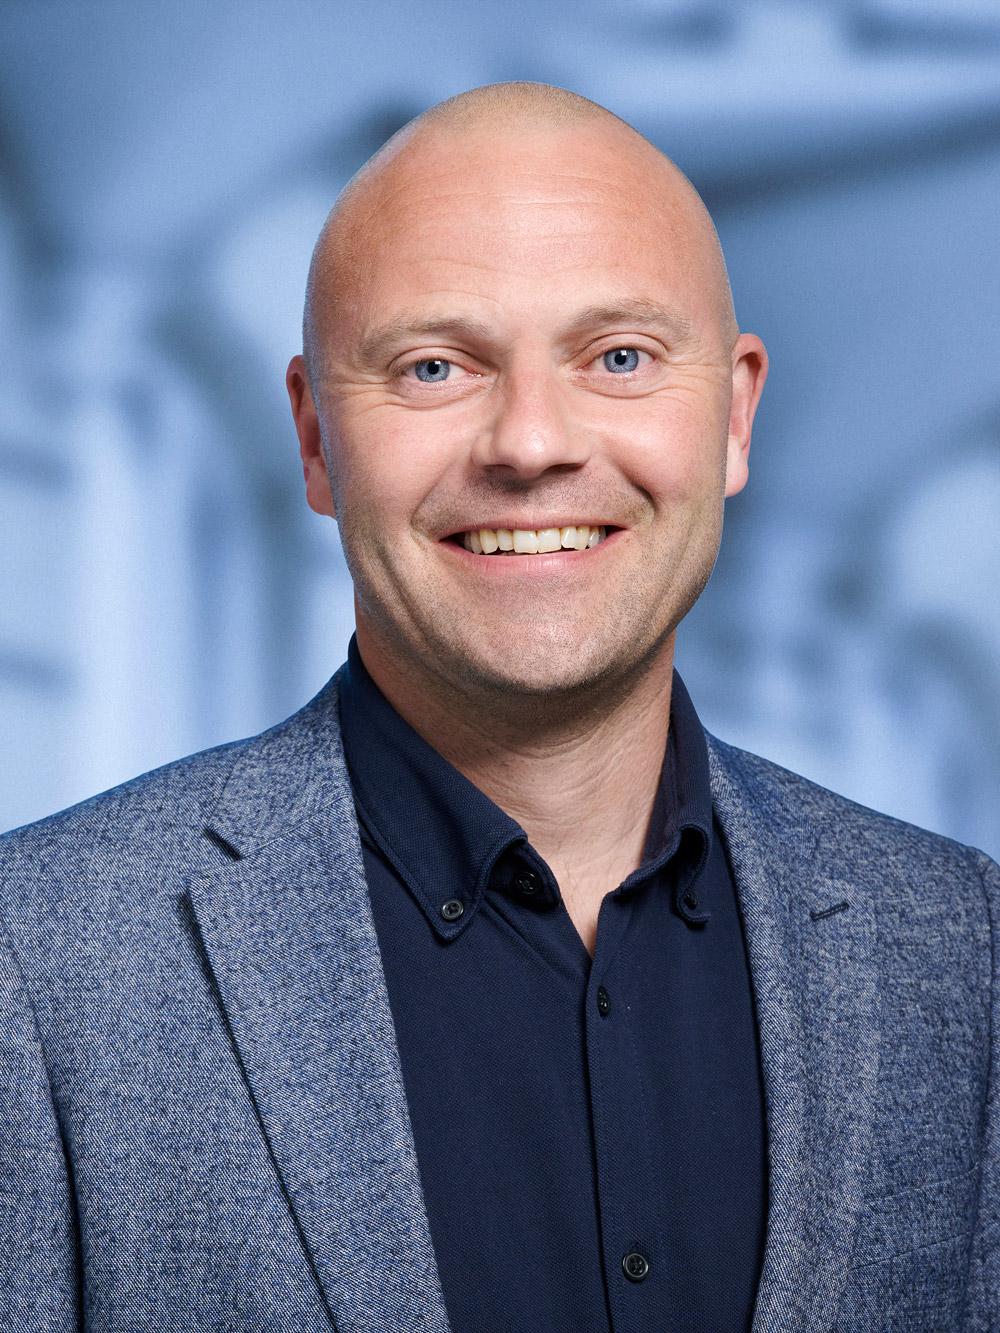 Venstre Bjarke Ilkjær